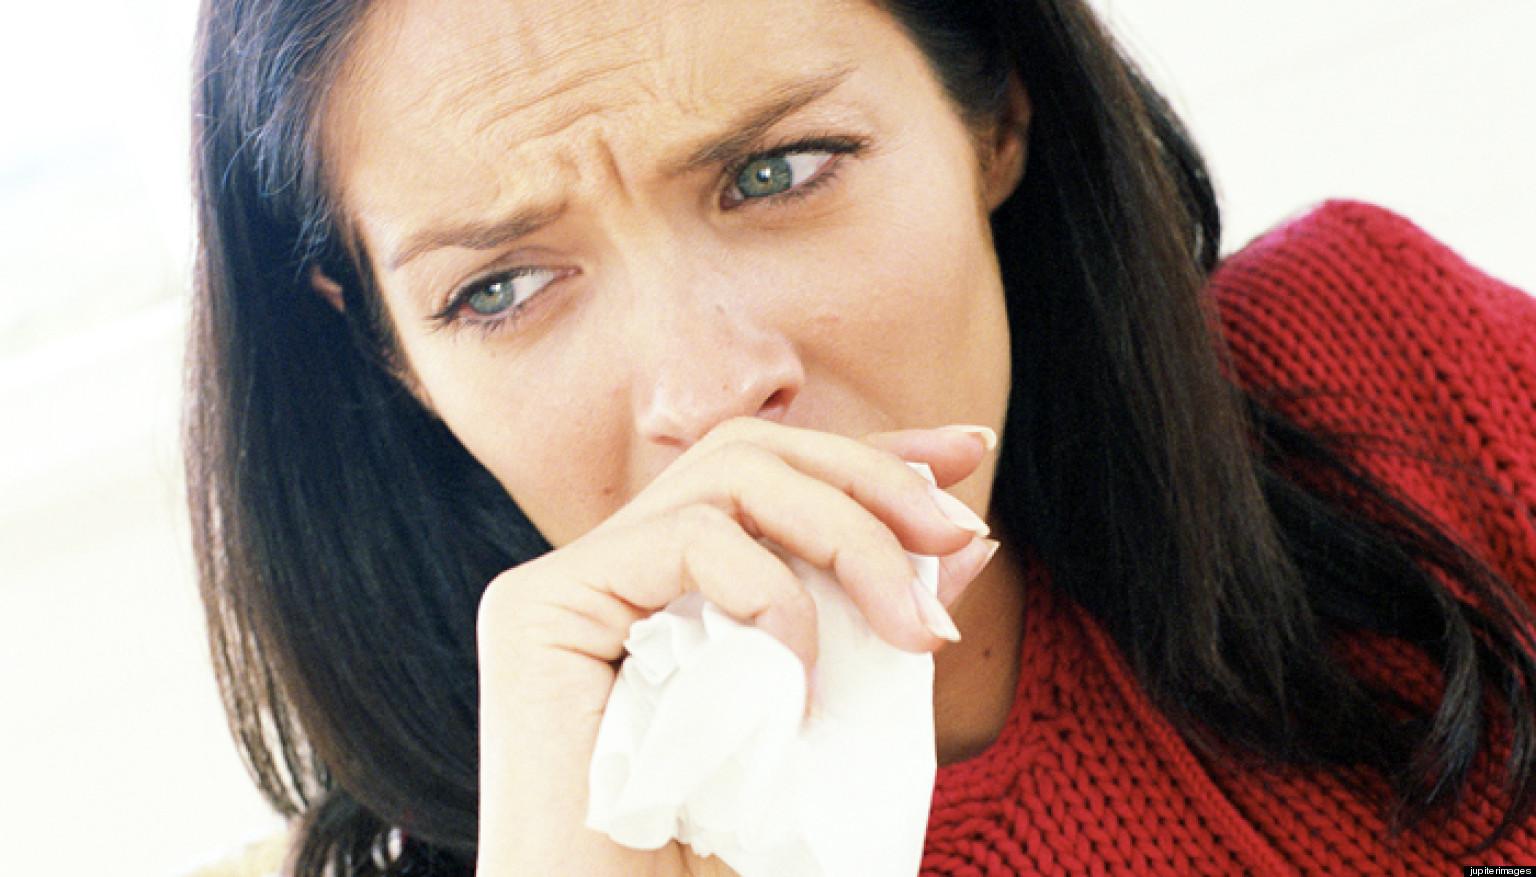 Как быстро вылечить сухой кашель в домашних условиях